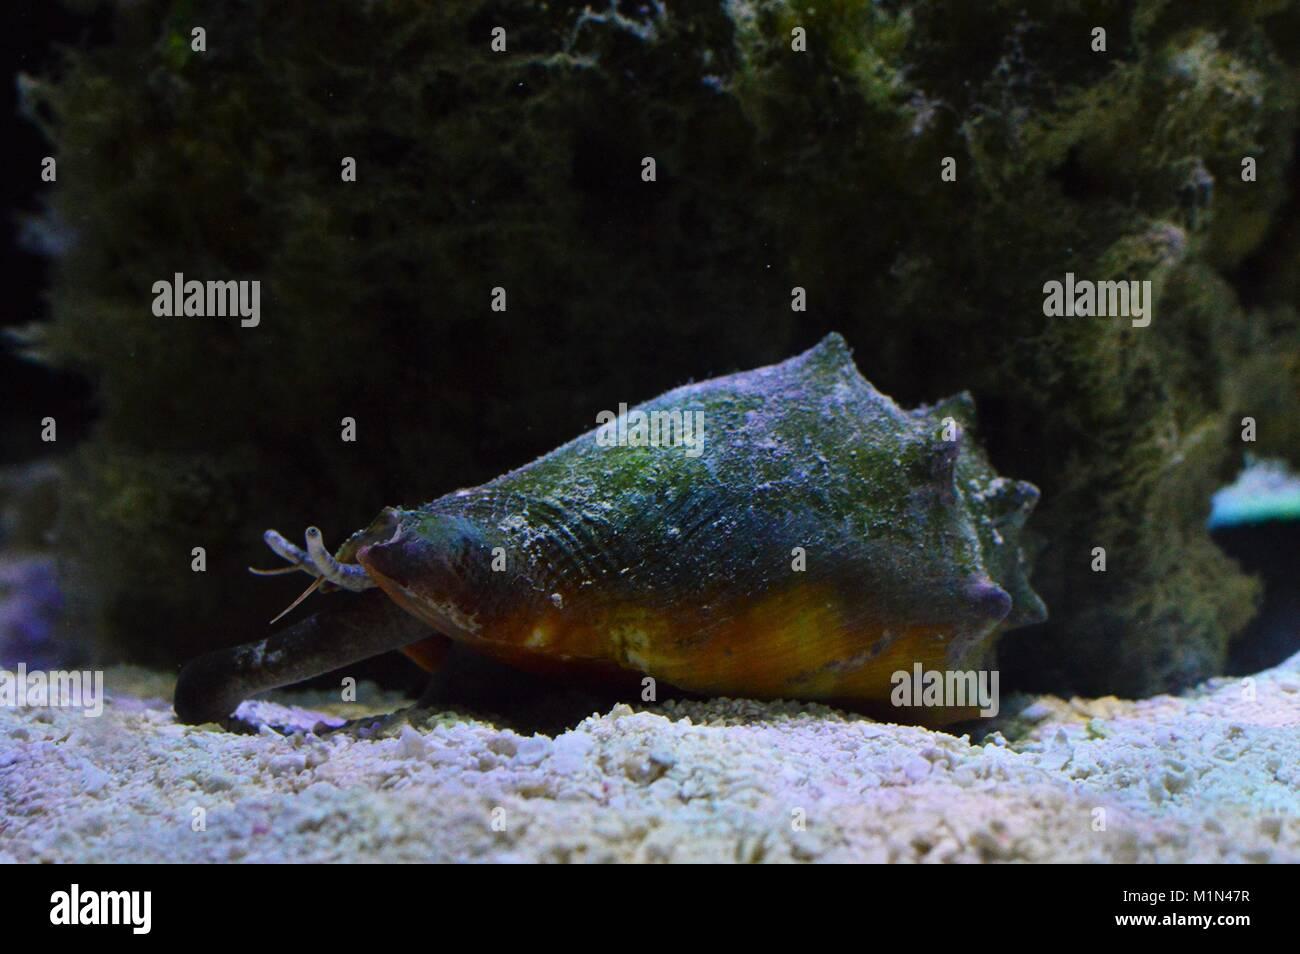 Fighting Conch in home aquarium - Stock Image